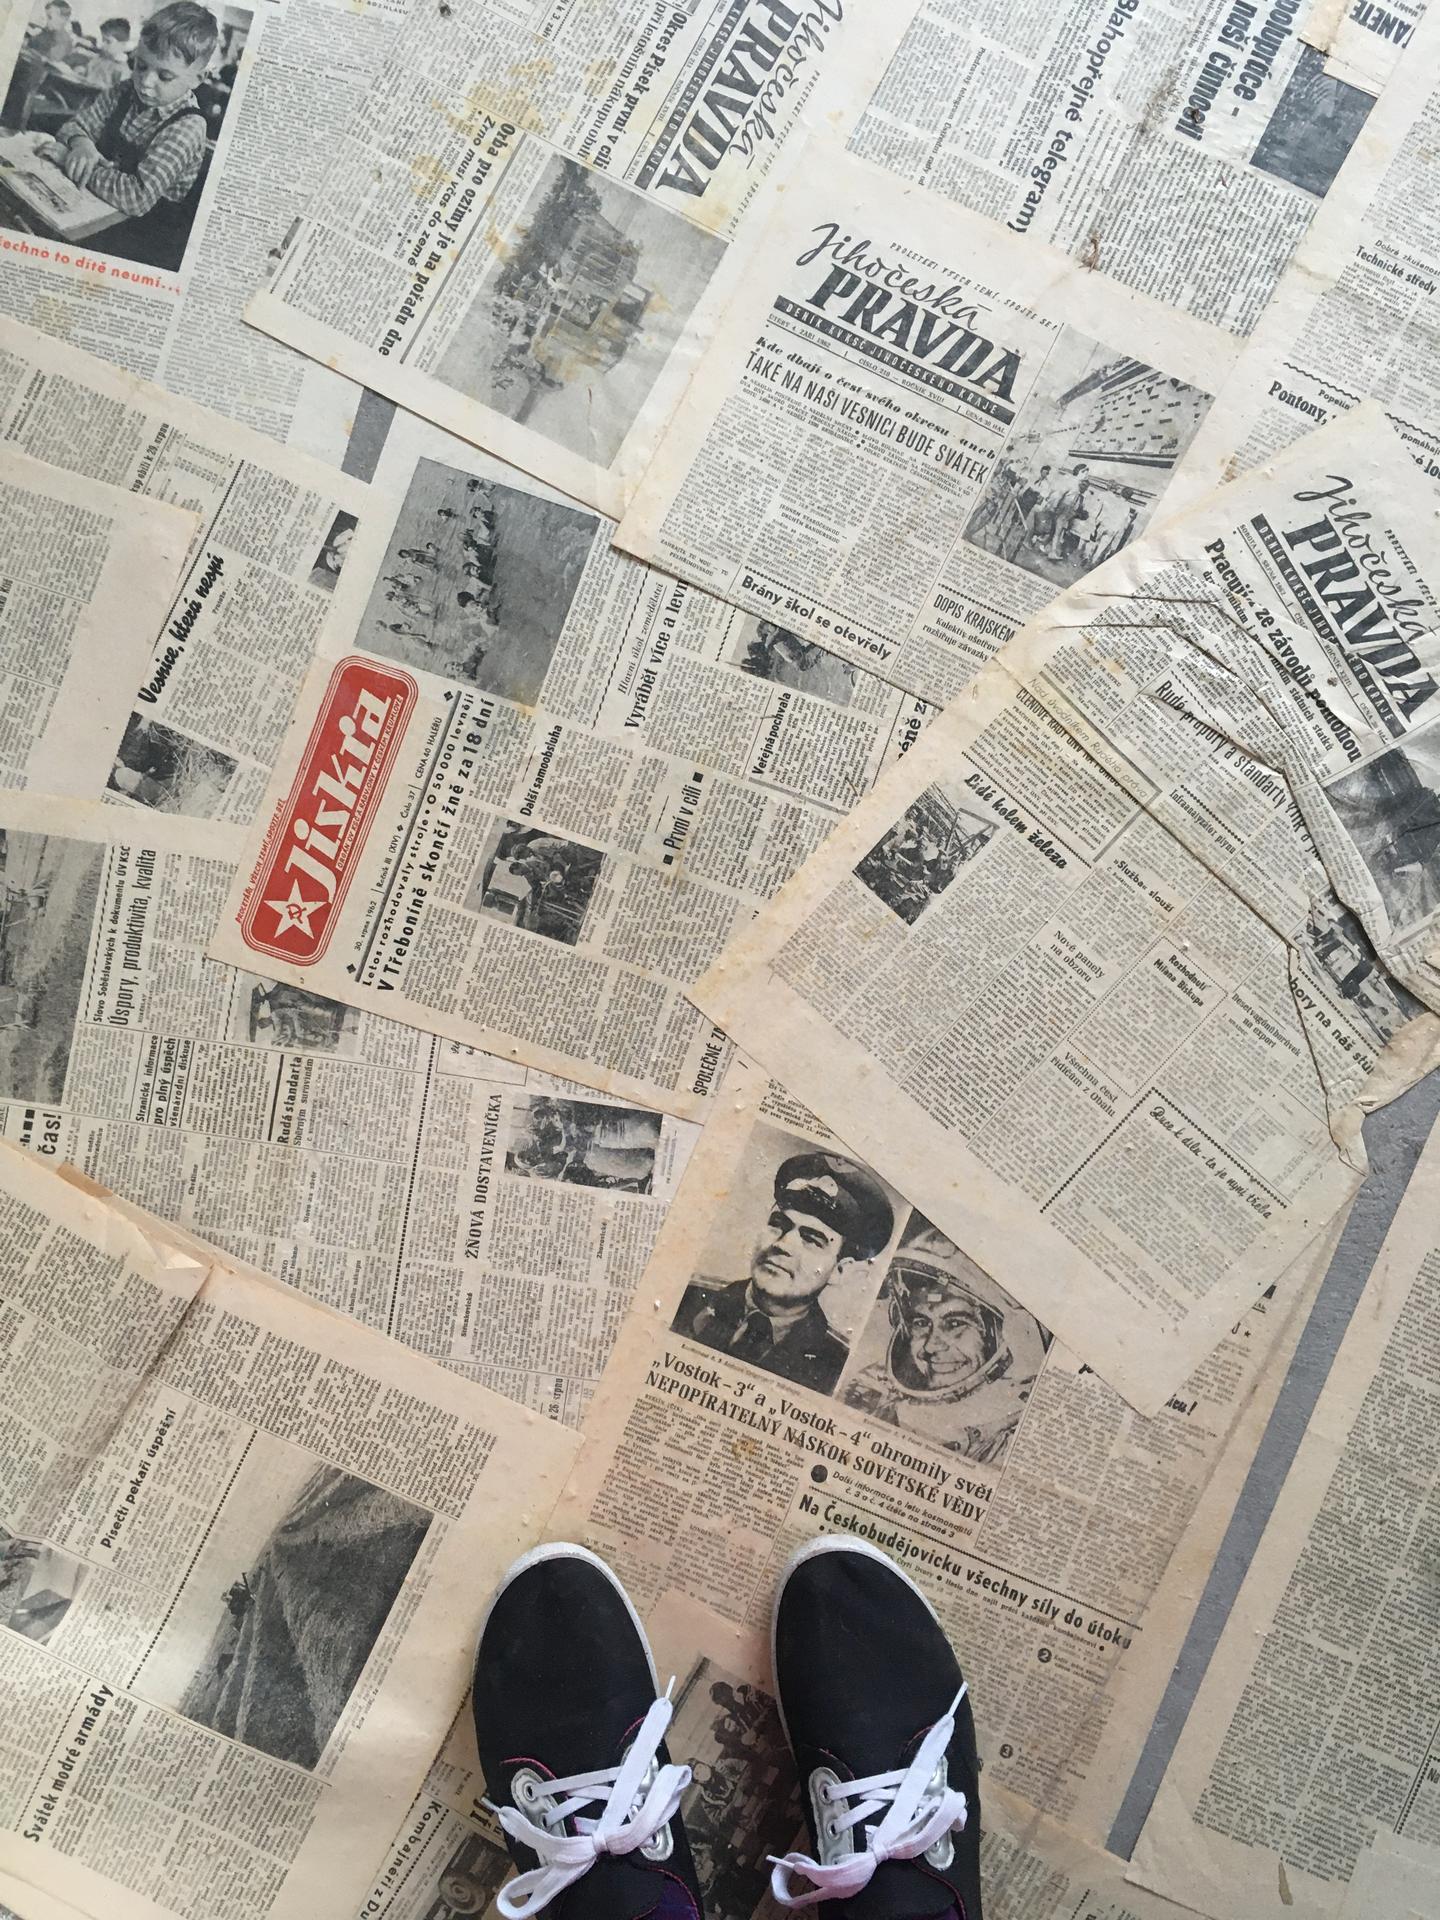 Rekonstrukce 🏡 20/21 - Podkroví - demolice letního pokoje - někdo najde zlato, my staré noviny 😄